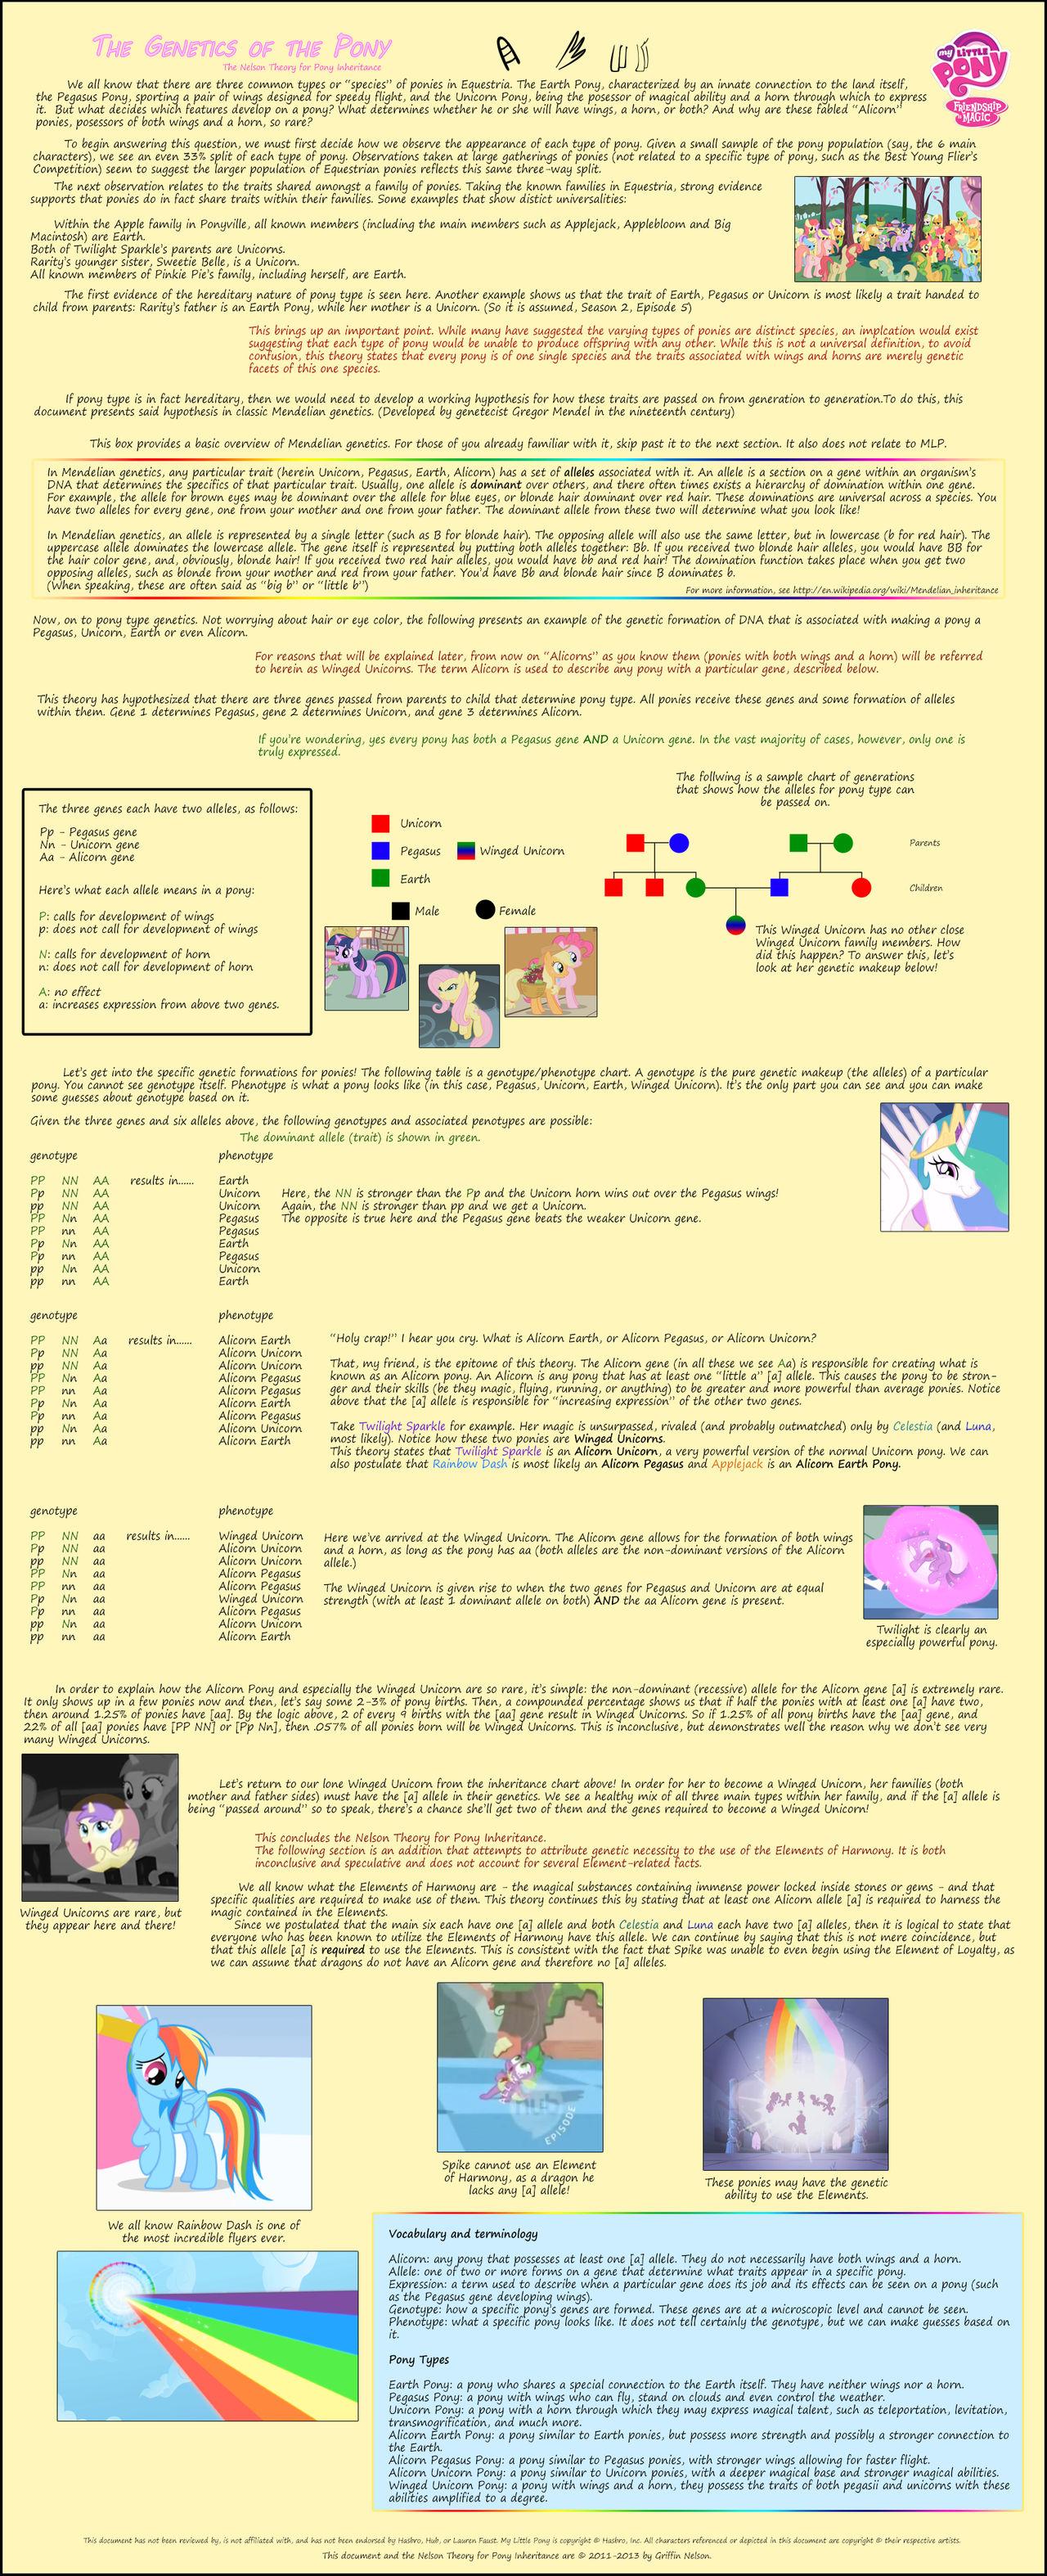 The Genetics of the Pony